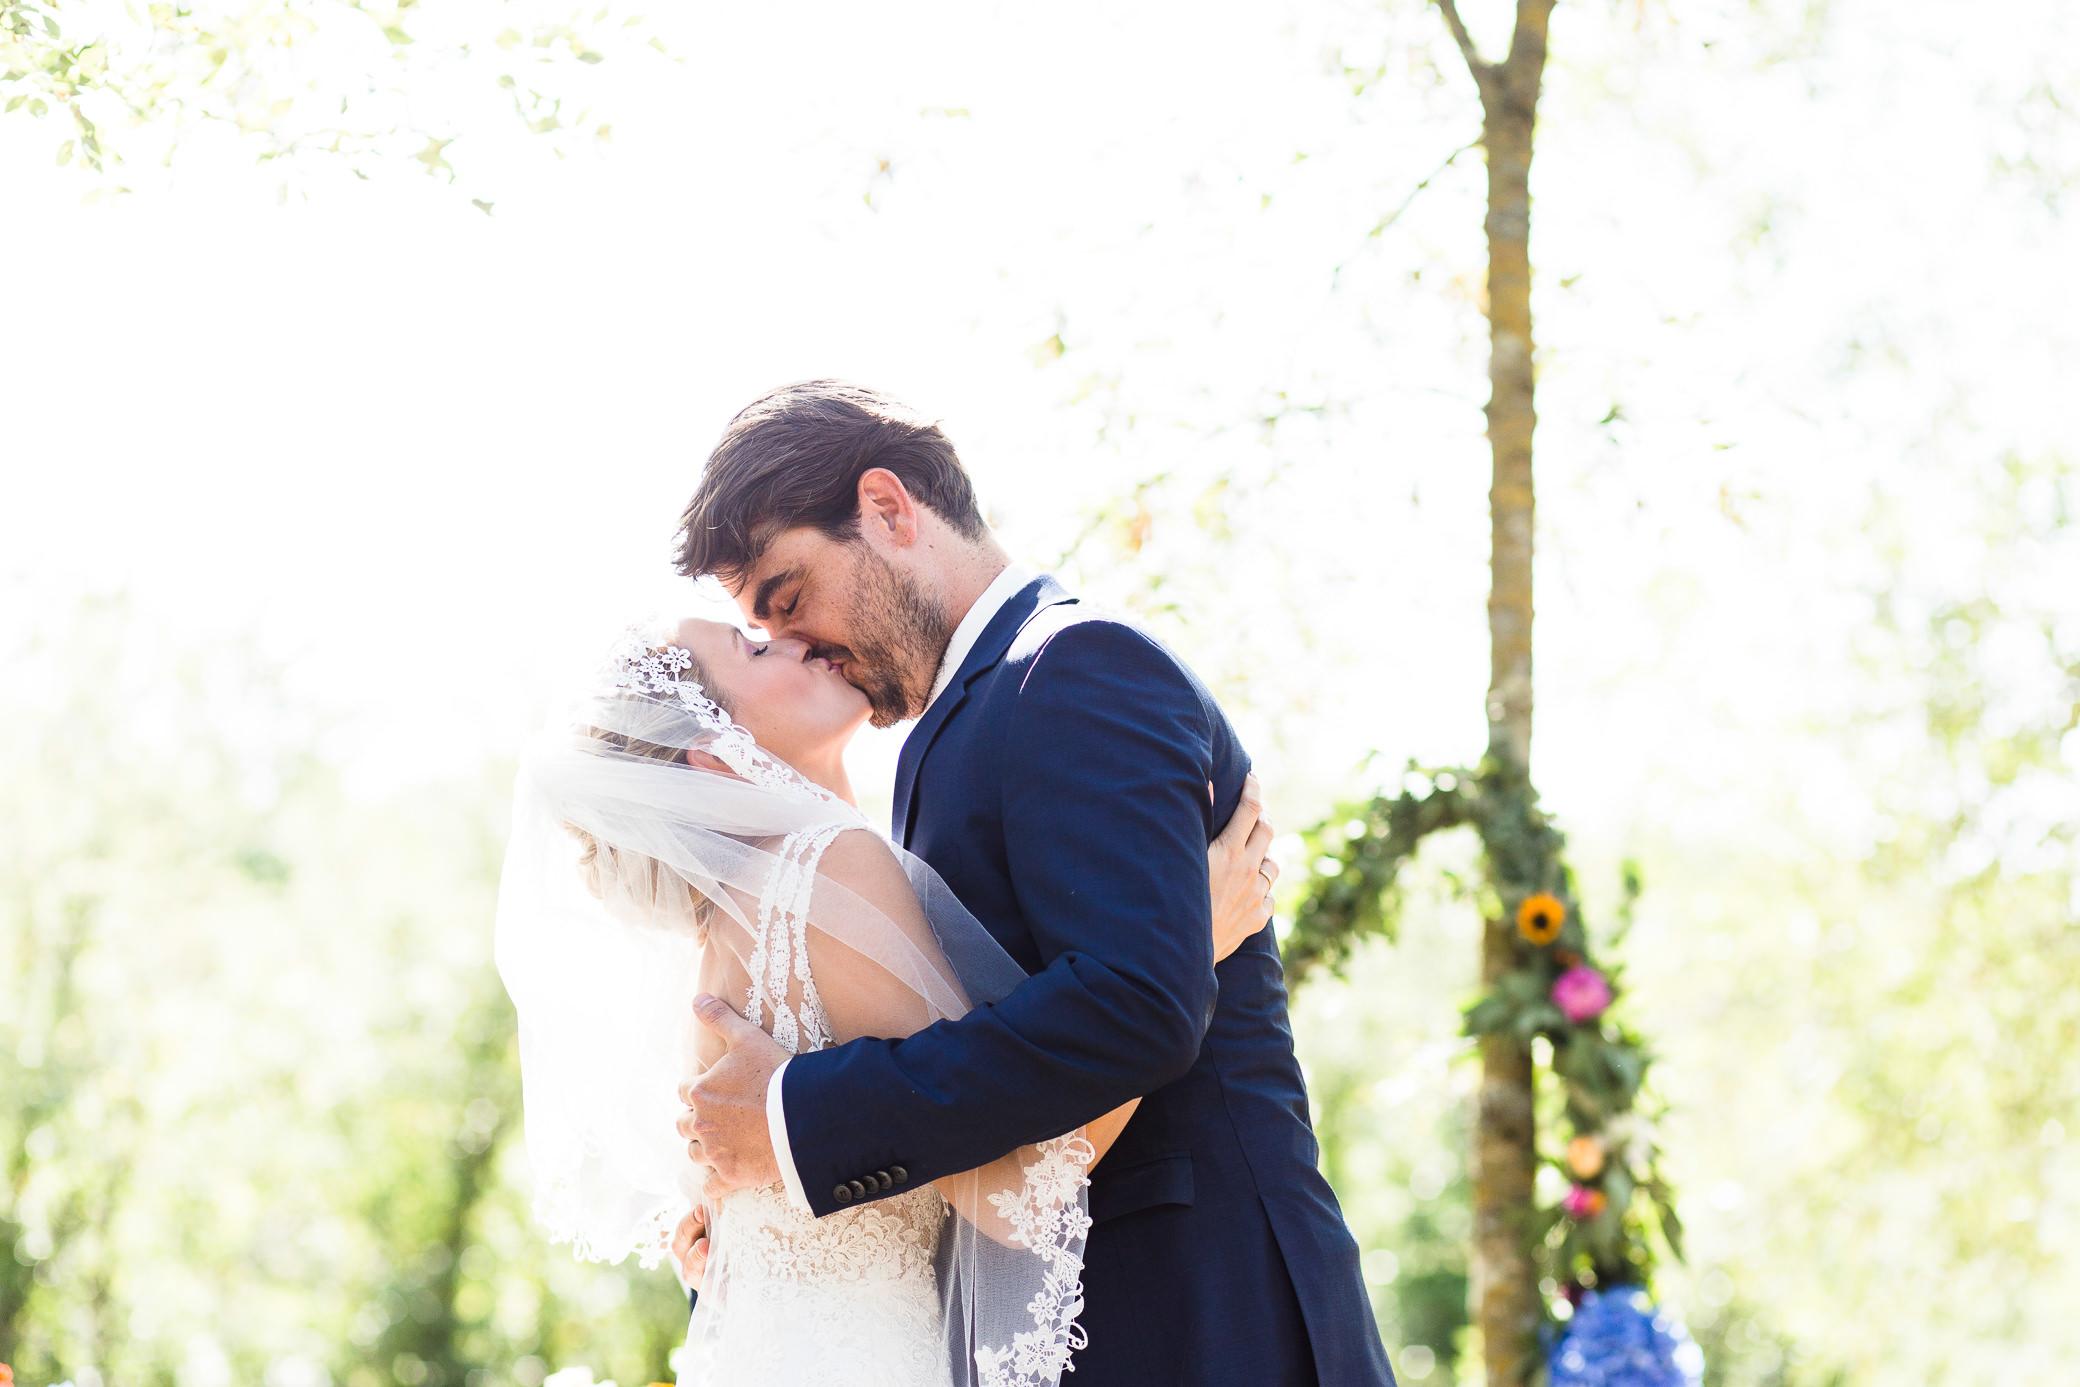 boda-olot-mas-can-batlle-destination-wedding-photografeel-26.jpg